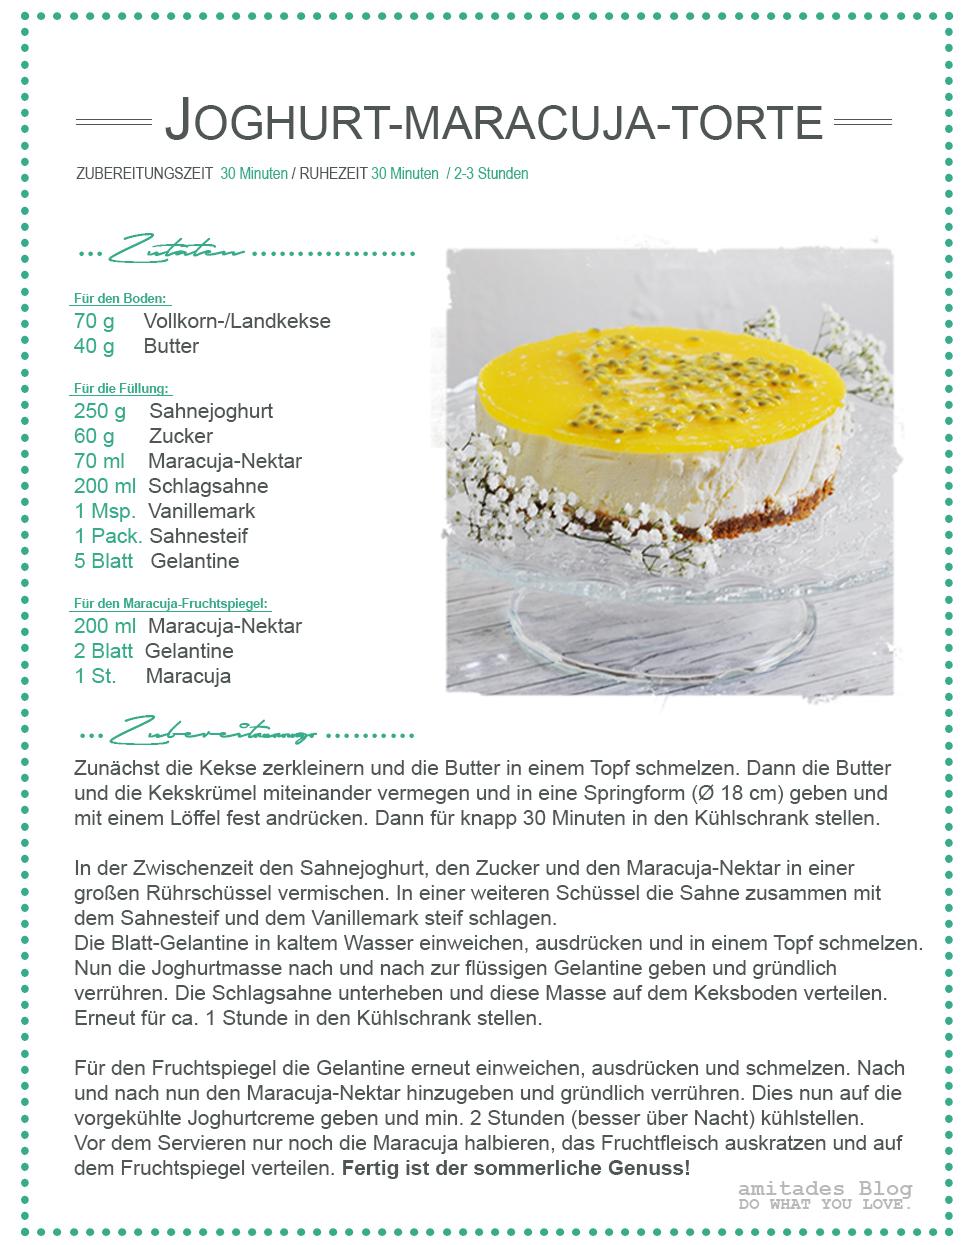 amitades.Blog | Rezept Joghurt-Maracuja-Torte